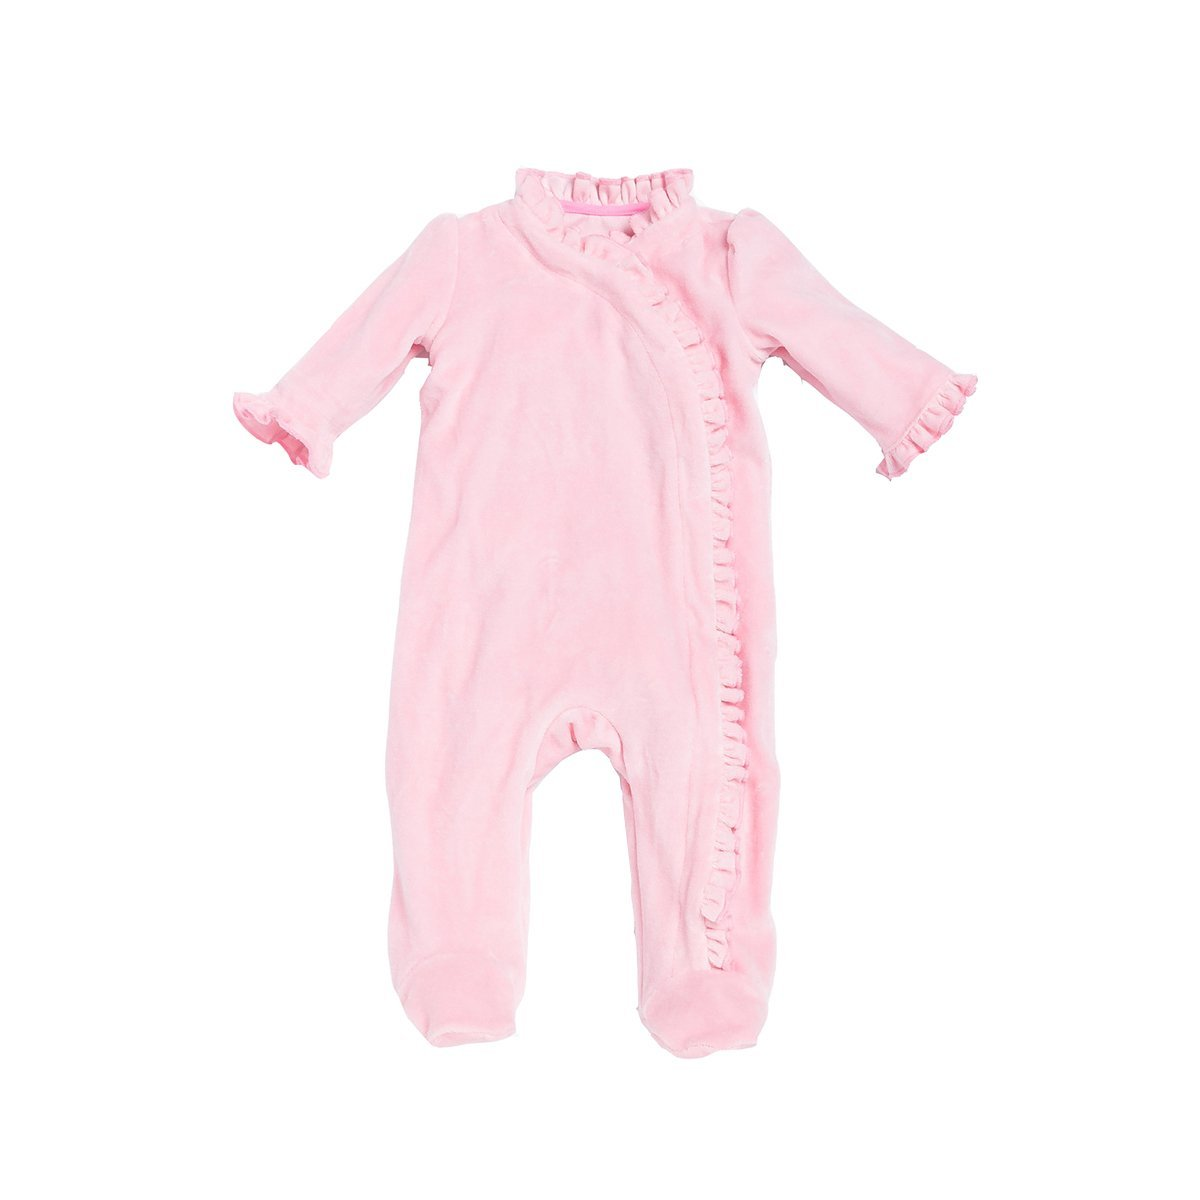 低価格の Fairy Baby 6 - SLEEPWEAR Baby B07G25QMXZ ピンク 3 - 6 Months 3 - 6 Months|ピンク, アワラ市:5de4b585 --- arianechie.dominiotemporario.com